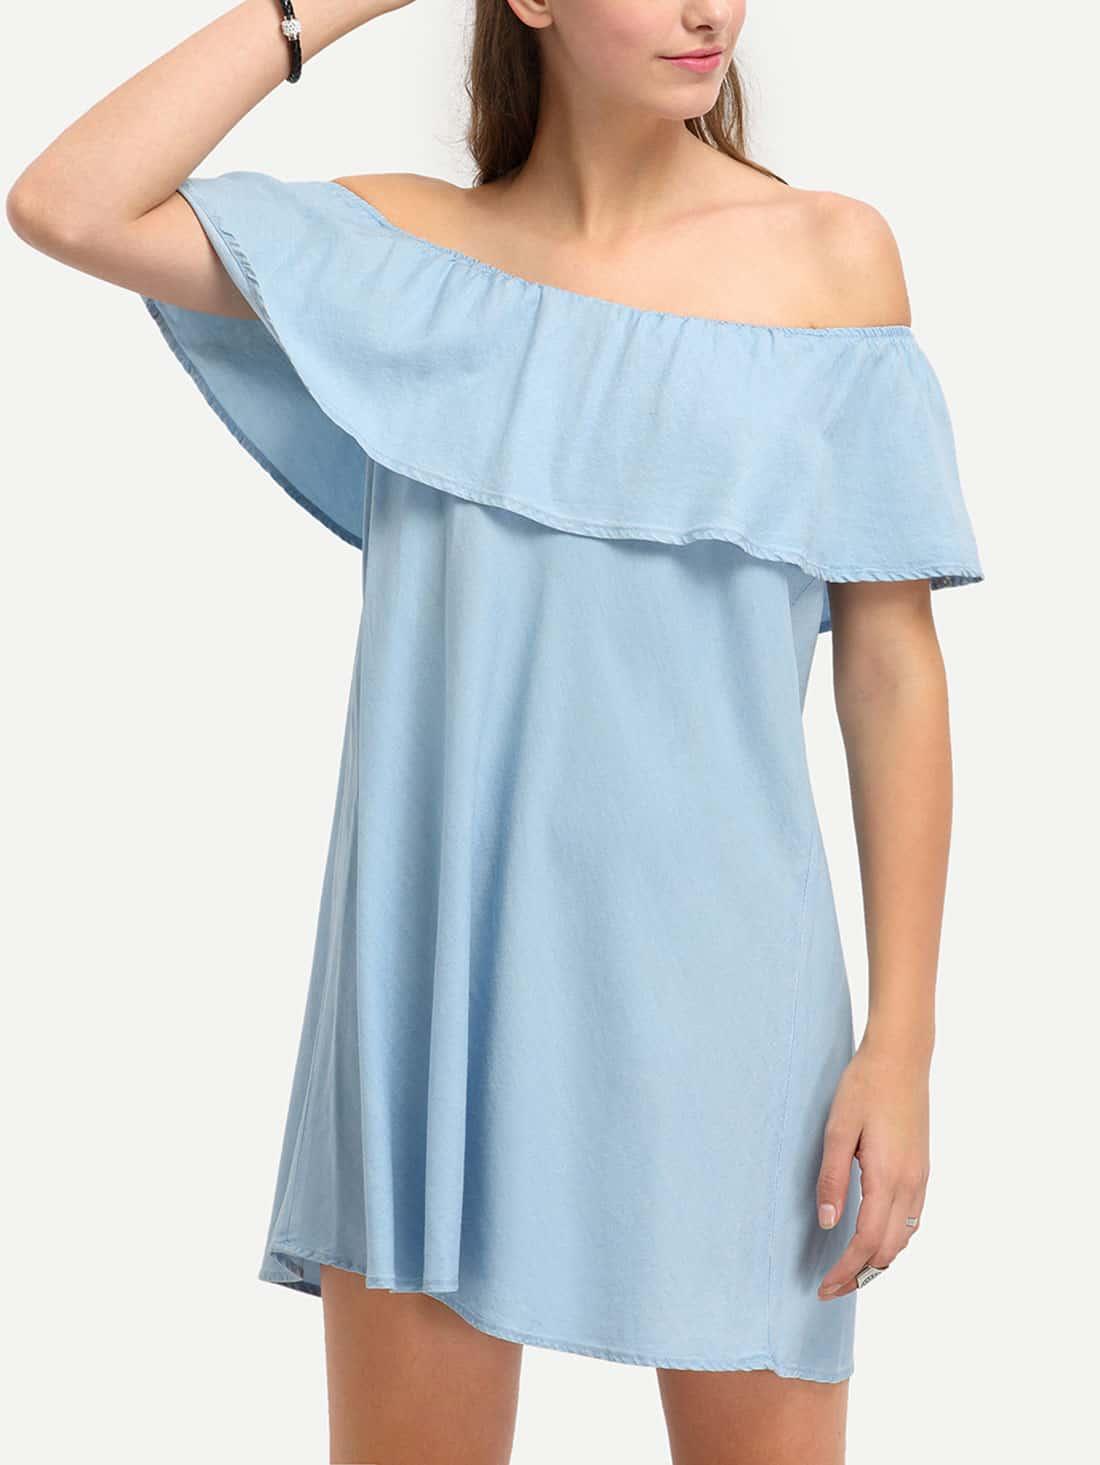 Light Blue Denim Off The Shoulder Ruffle Shift Dress dress160422701